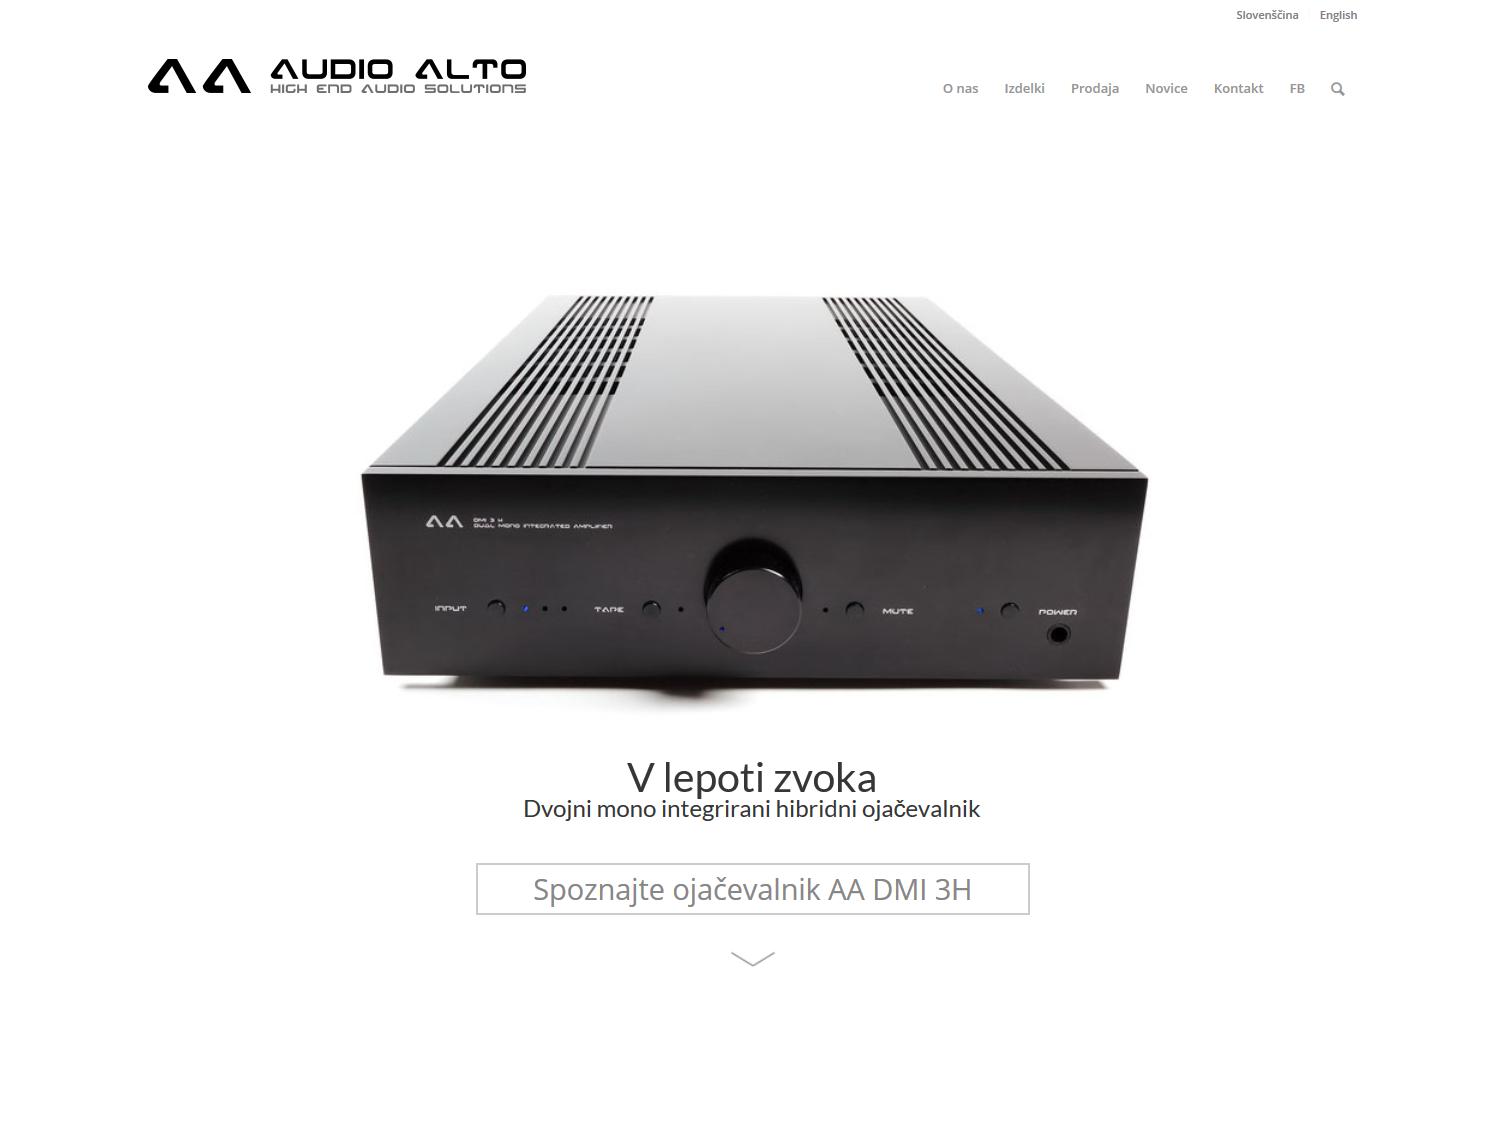 audioalto.com